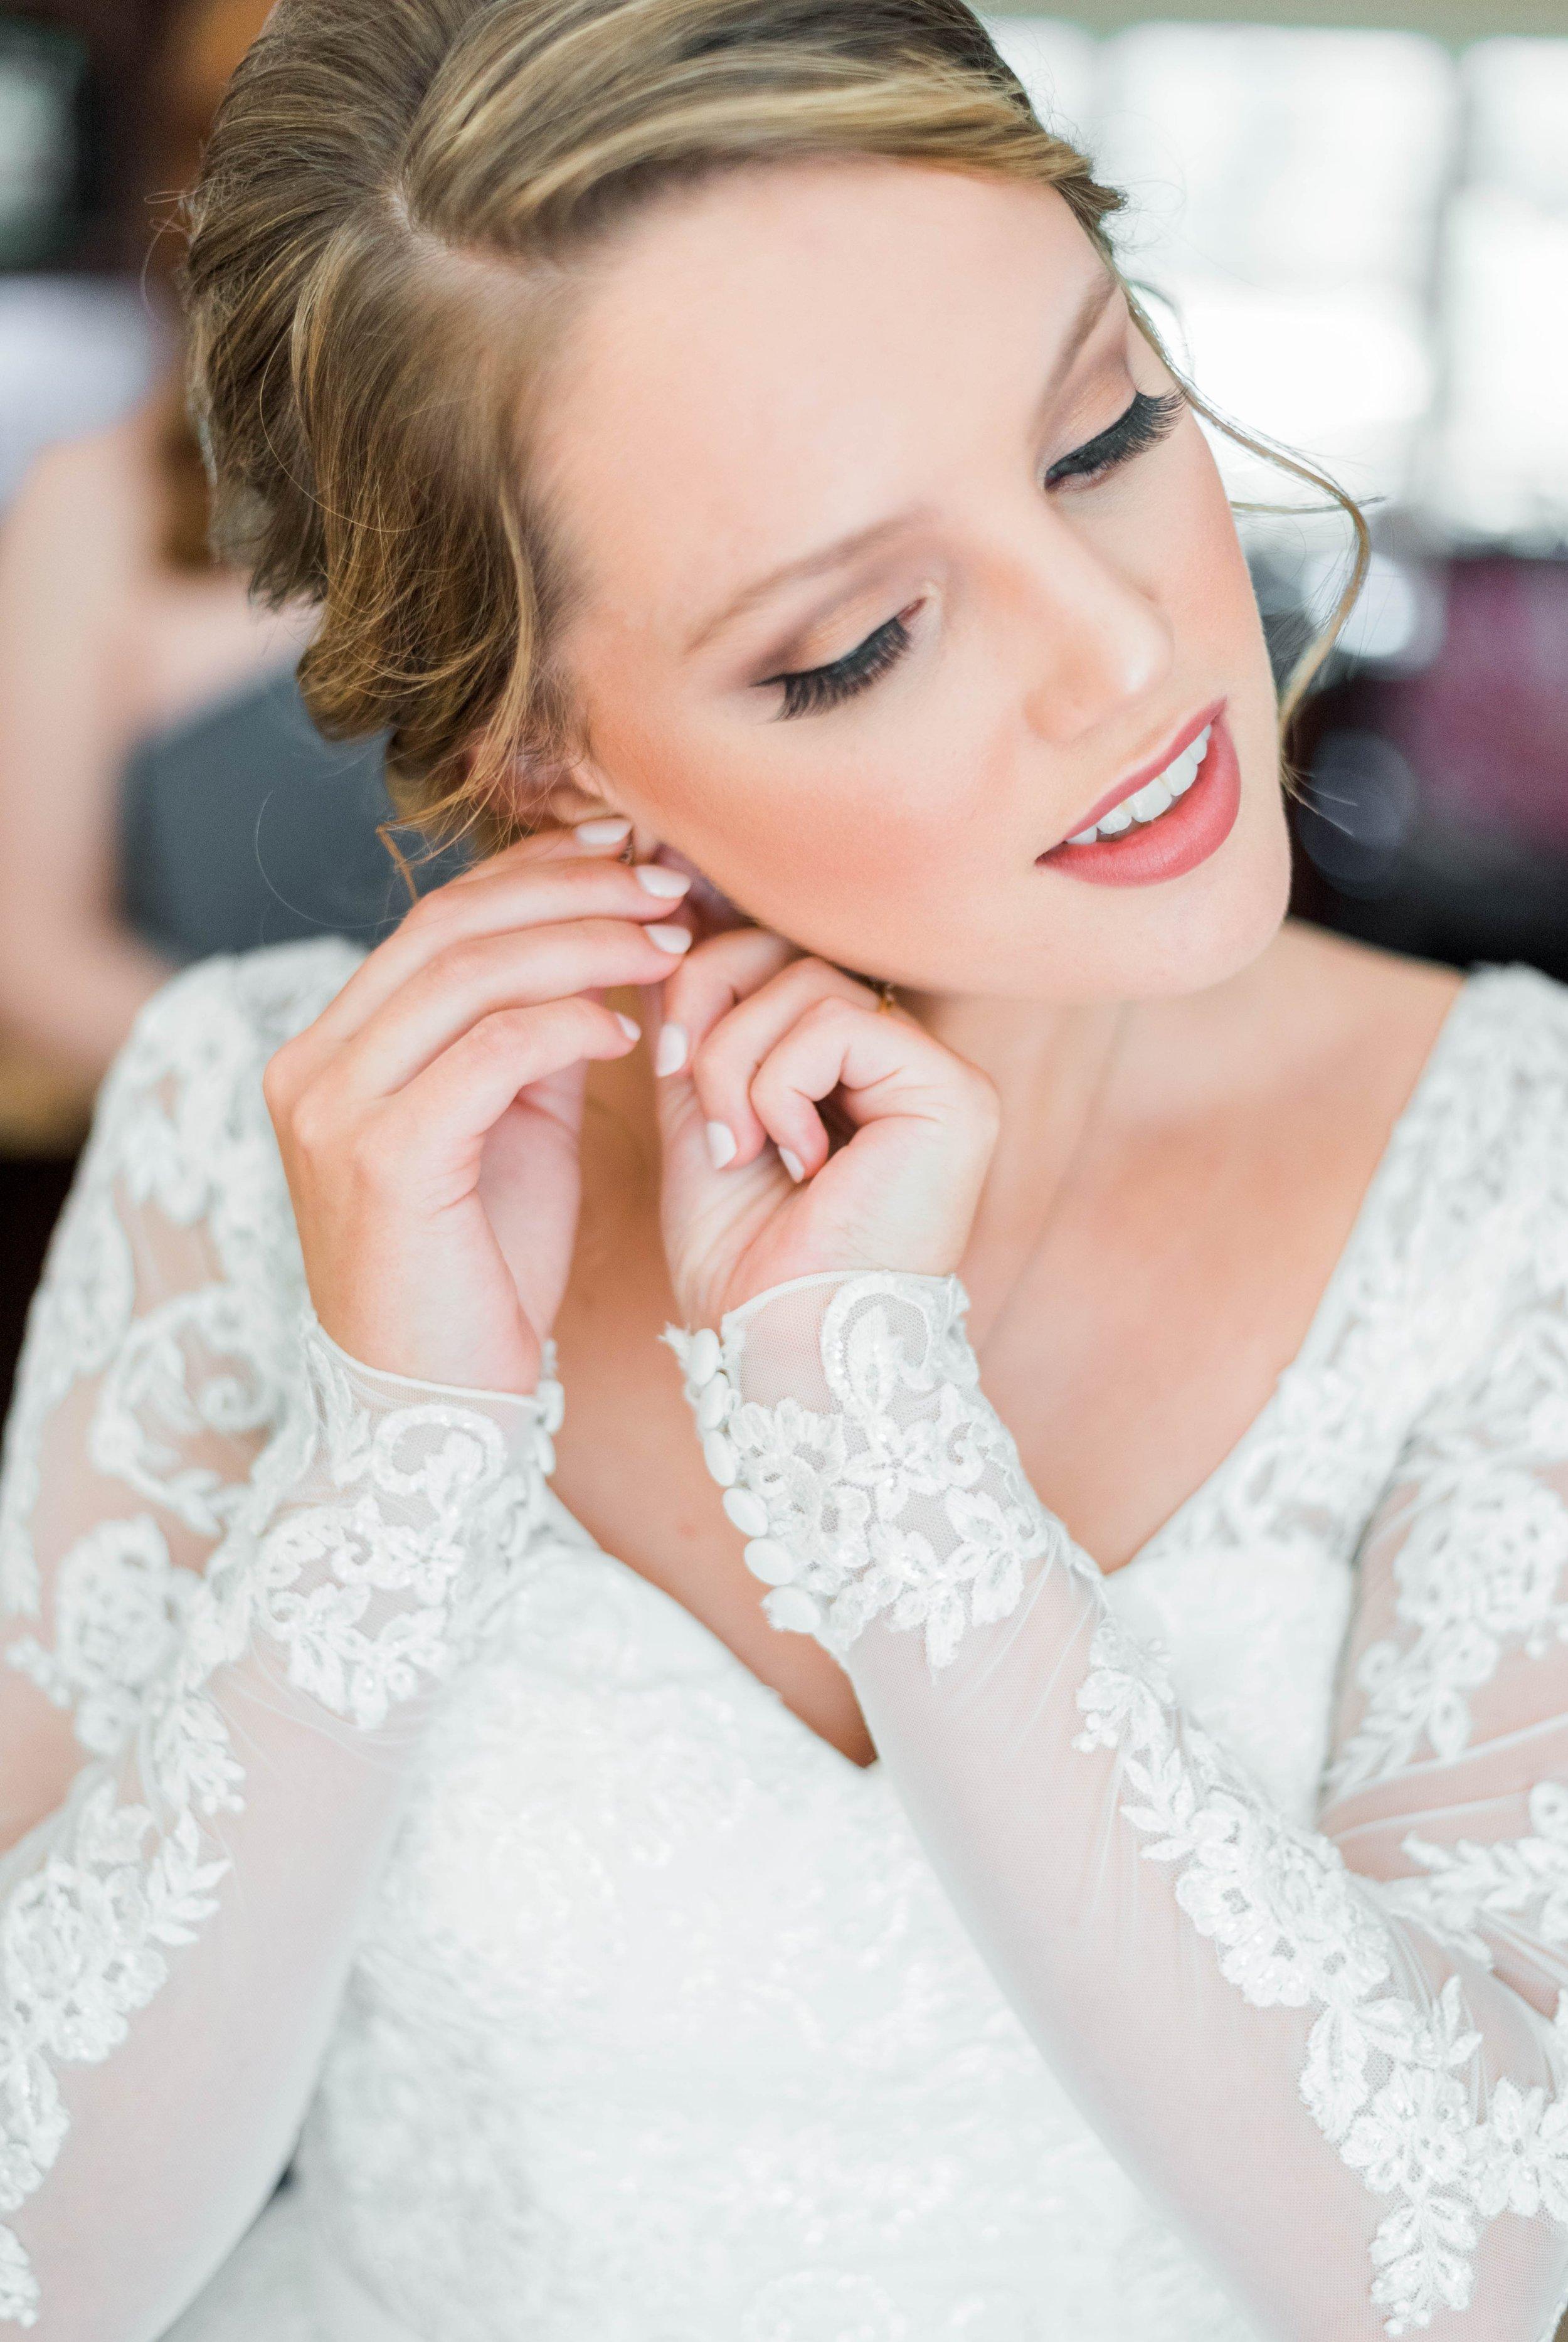 GrantElizabeth_wineryatbullrun_DCwedding_Virginiaweddingphotographer 14.jpg